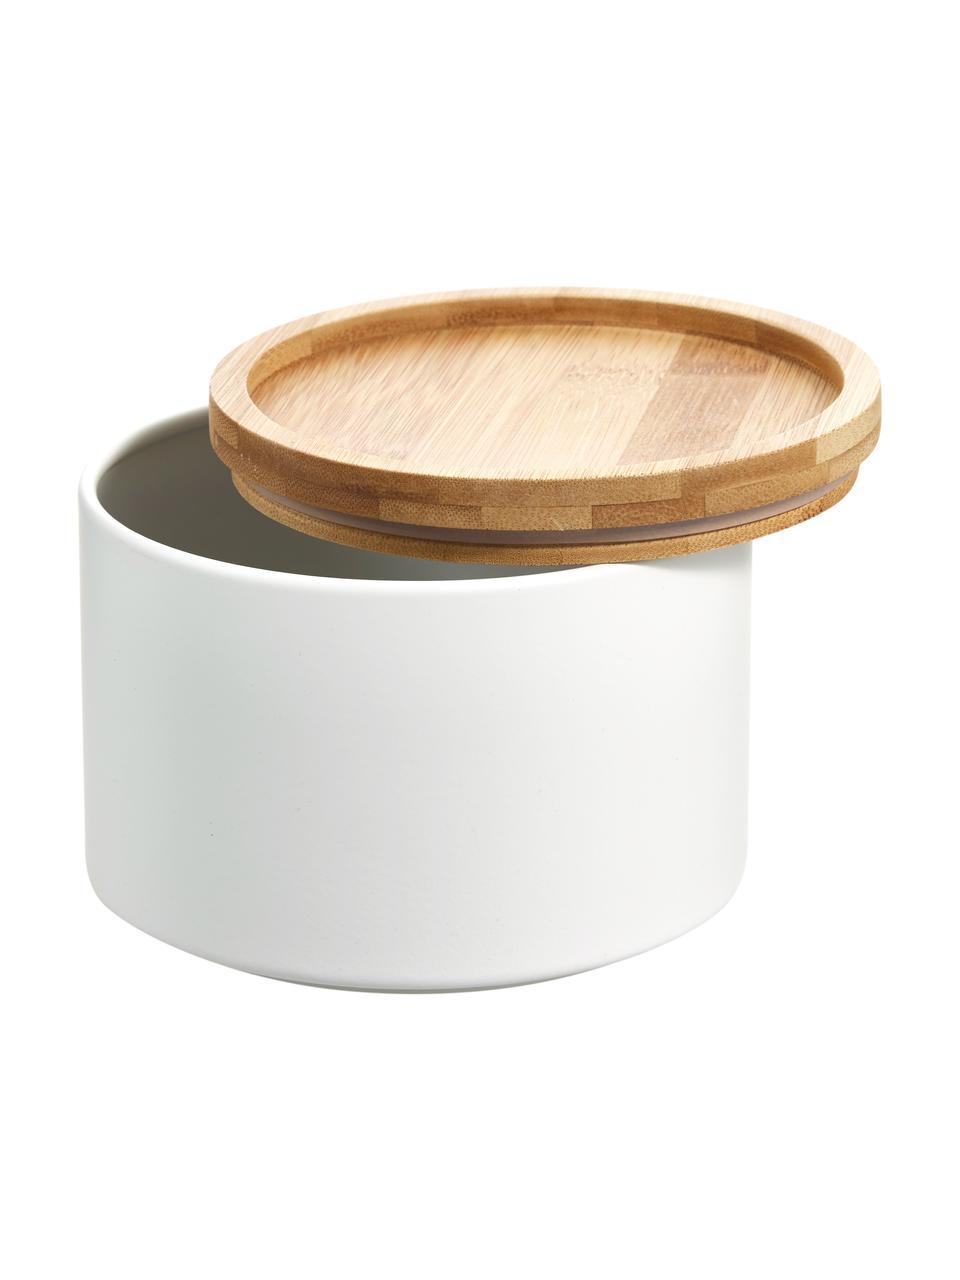 Pojemnik do przechowywania z metalu Bambel, Biały, Ø 13 x W 10 cm